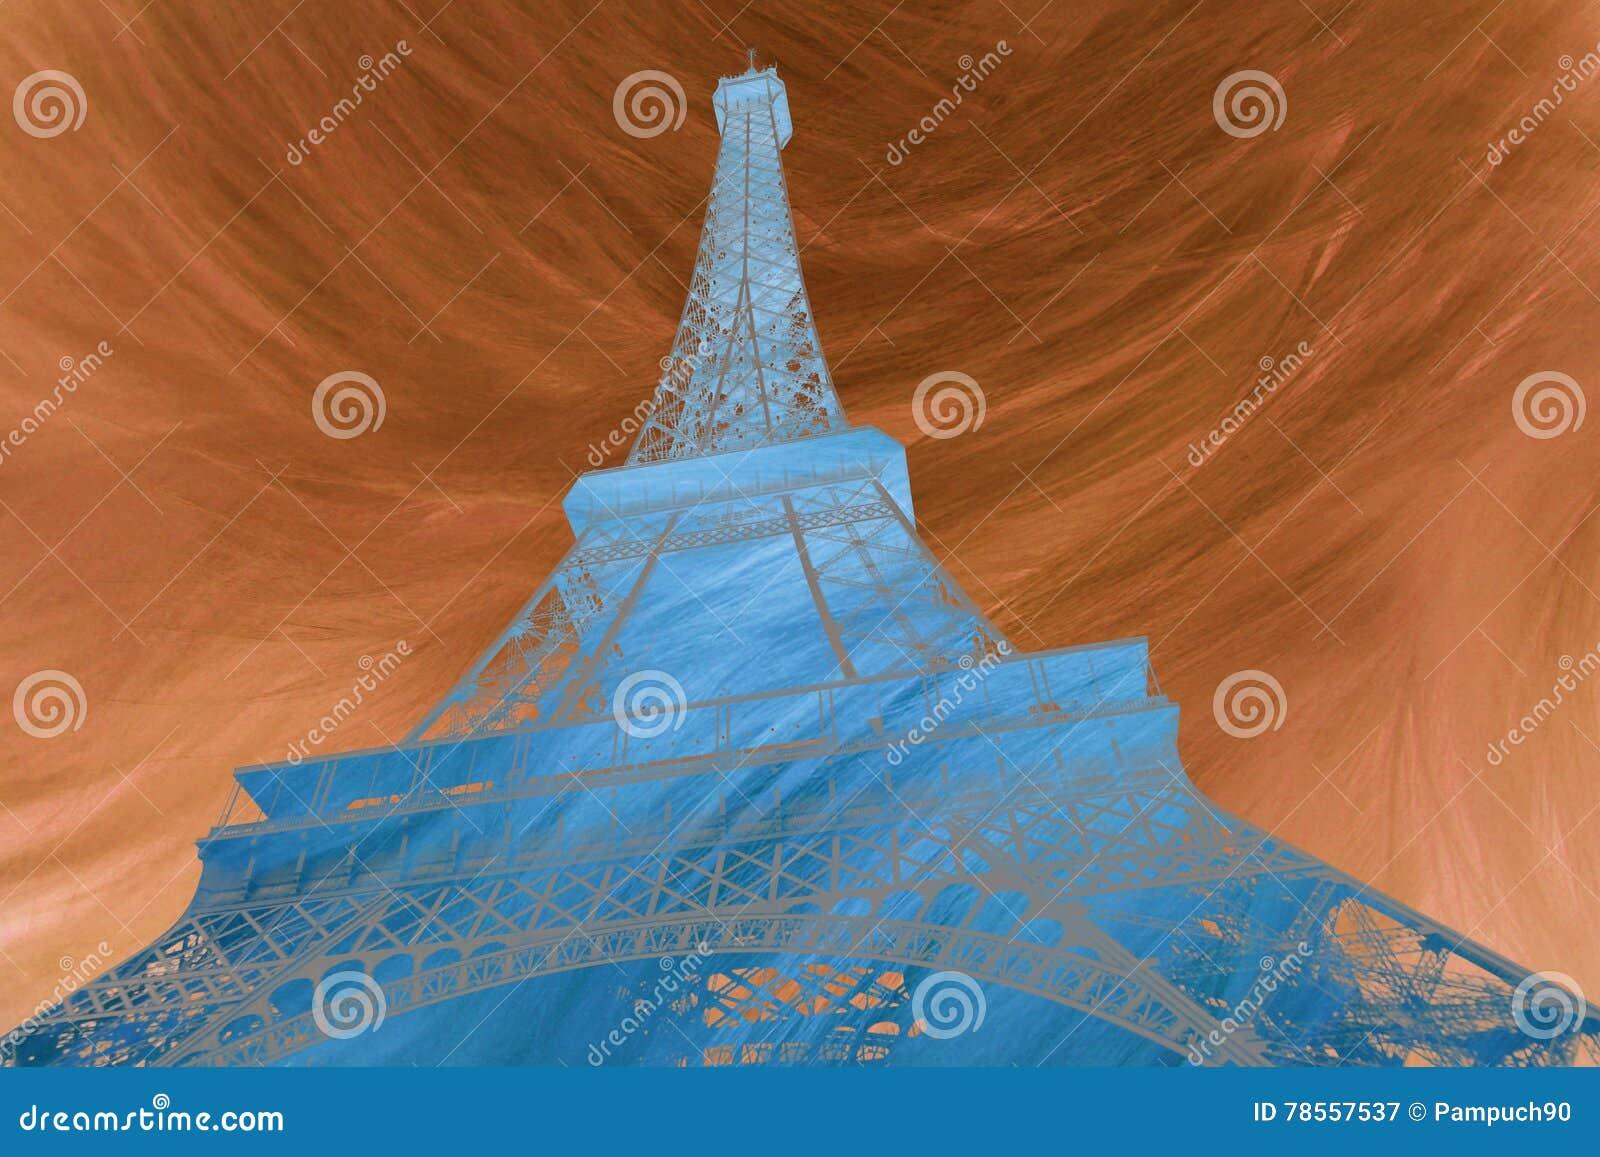 Arte digital abstracto del arte digital abstracto de Eiffel de la torre Eiffel en París Silueta Postal, de alta resolución